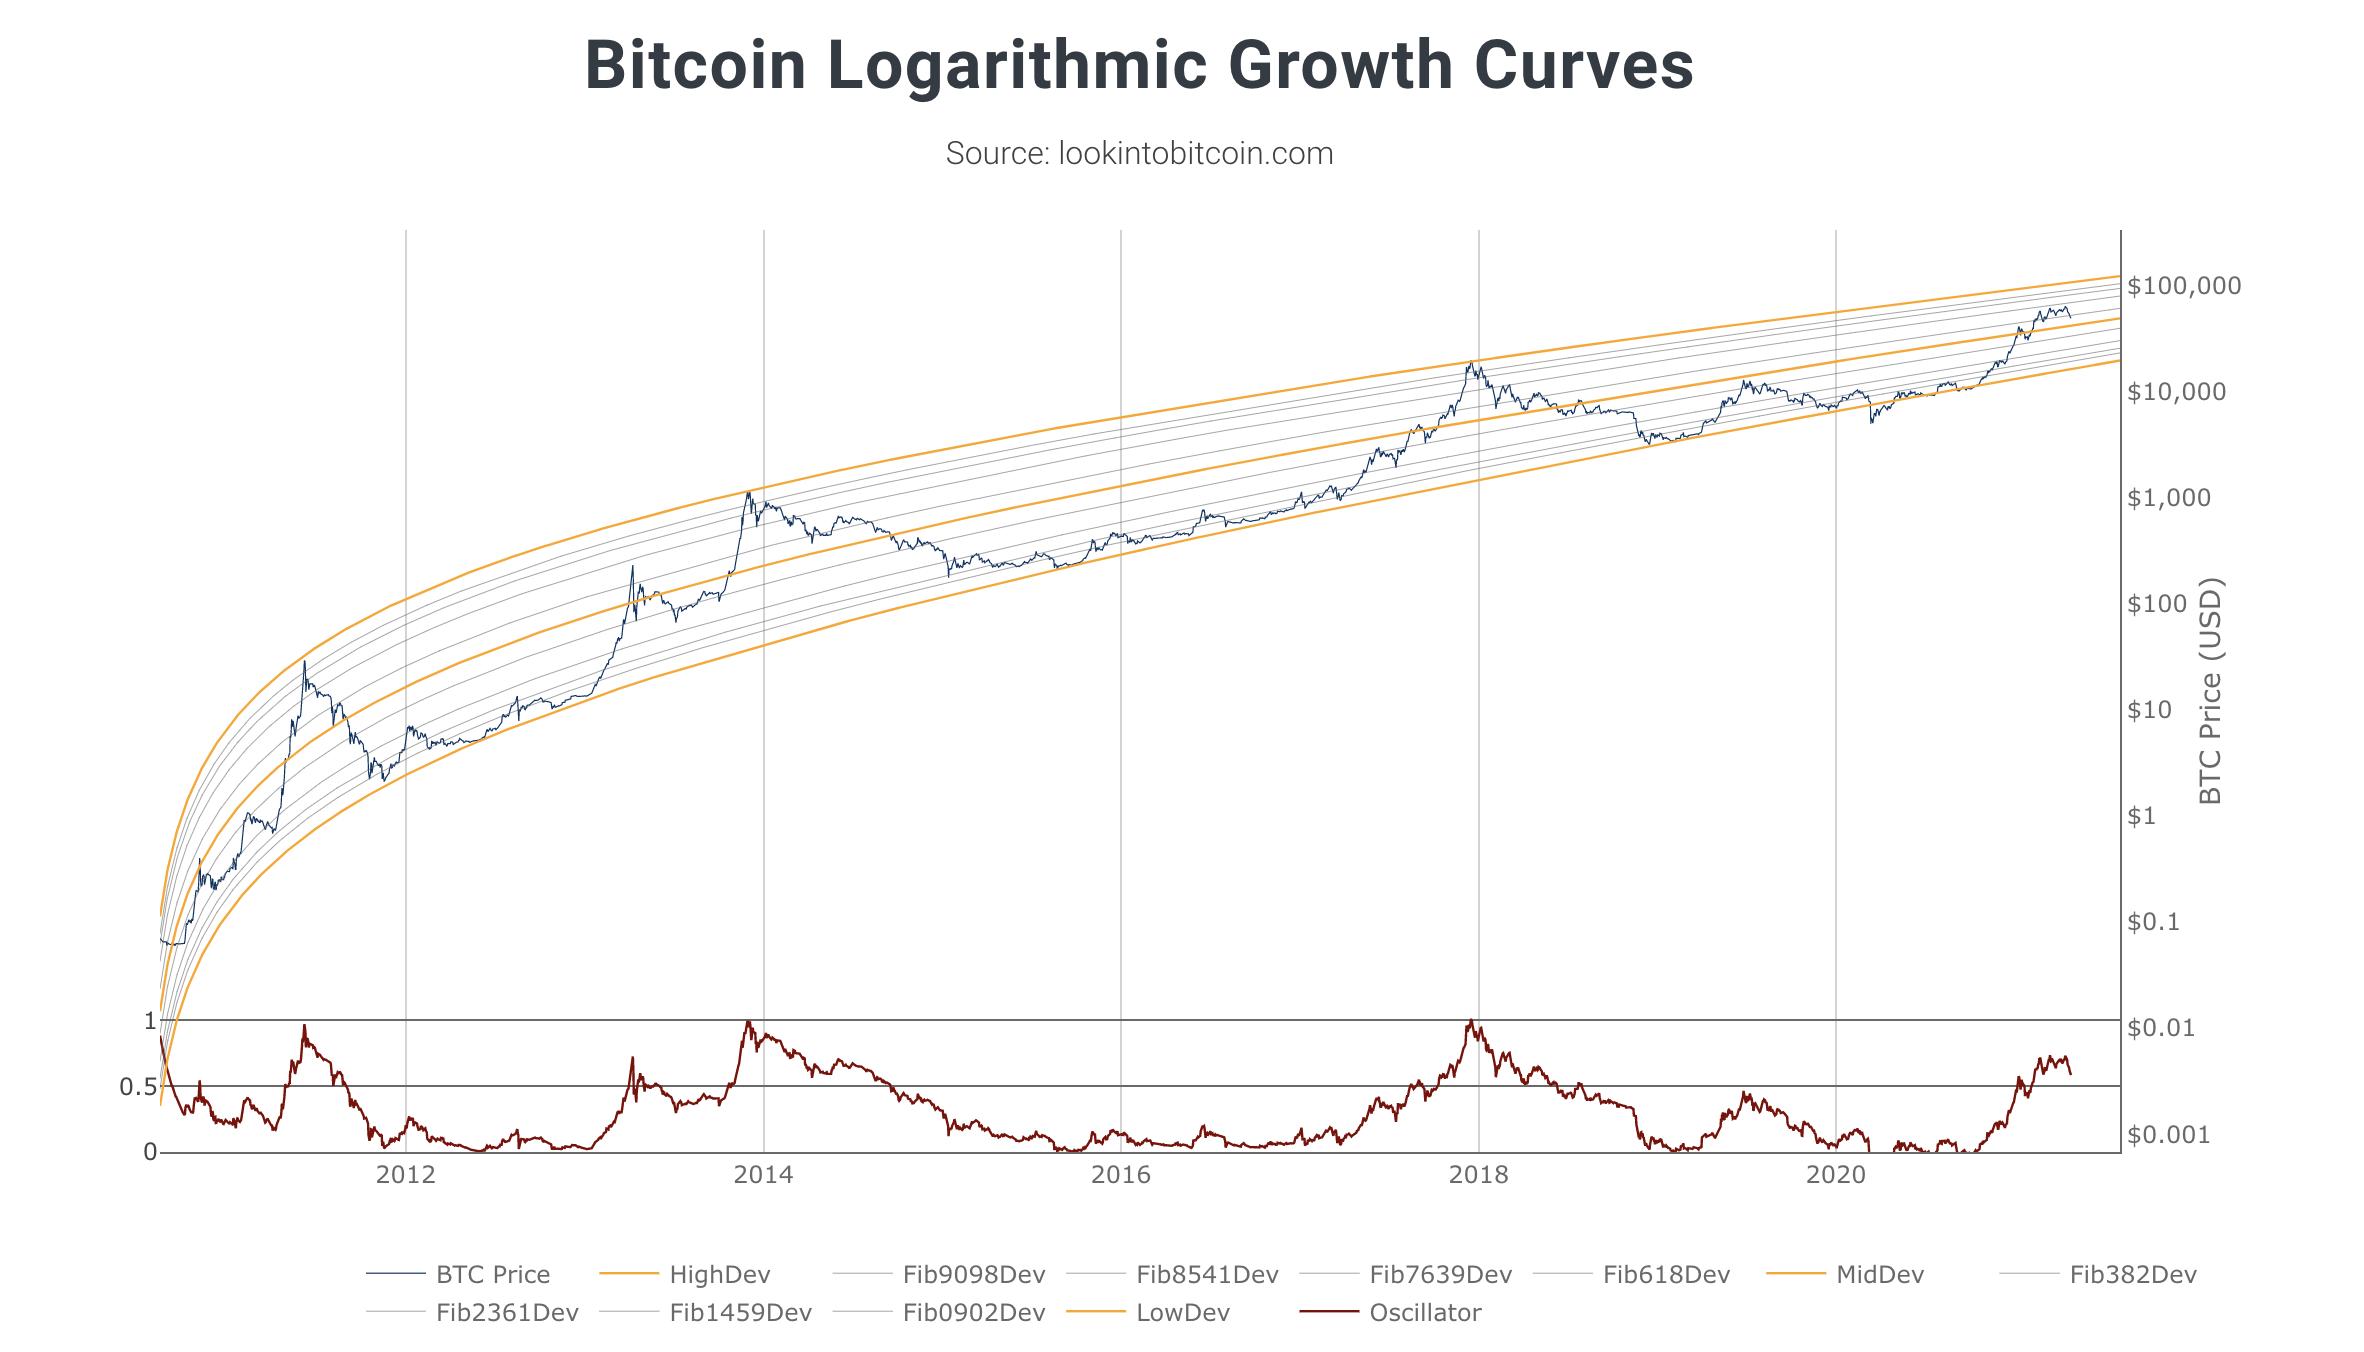 Bitcoin : Logarithmic Growth Curves